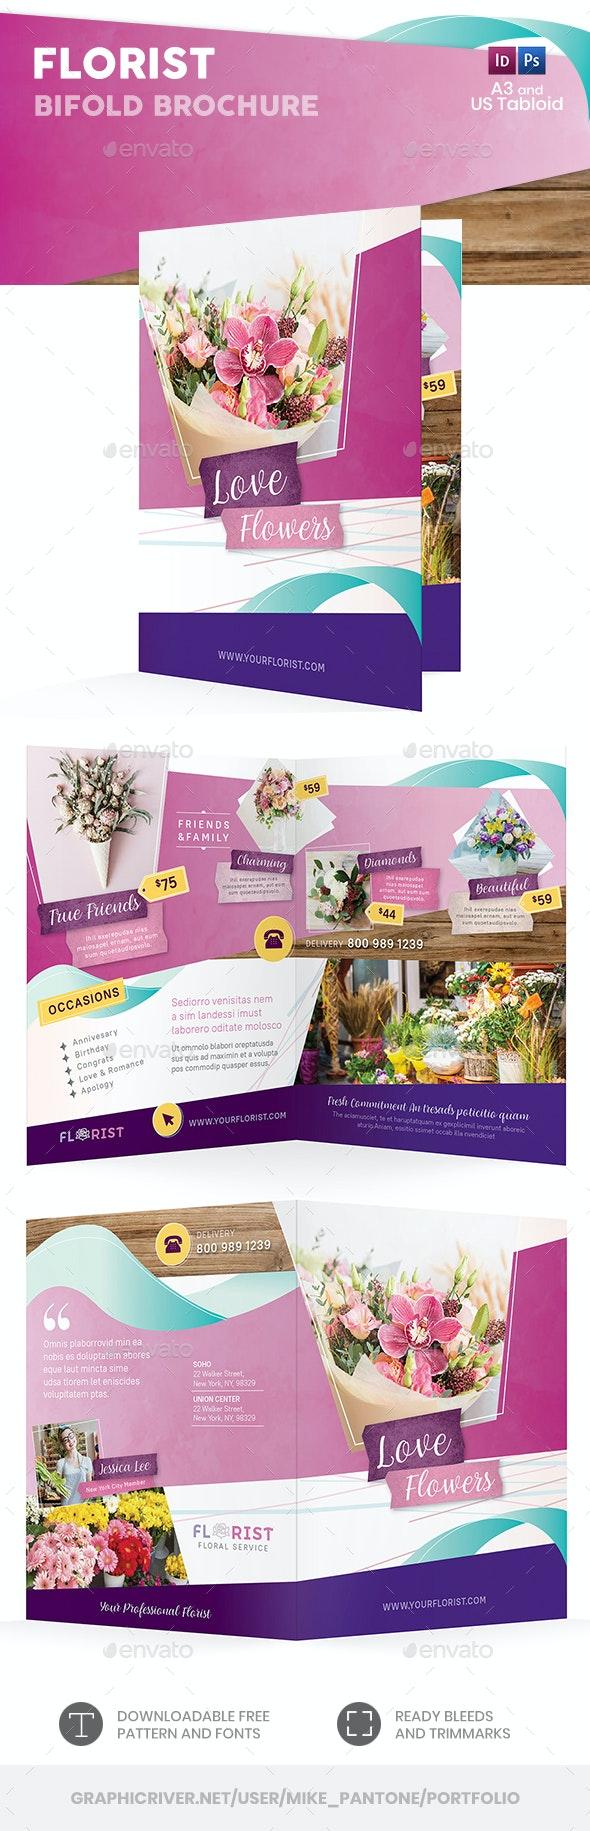 Florist Bifold / Halffold Brochure 4 - Informational Brochures